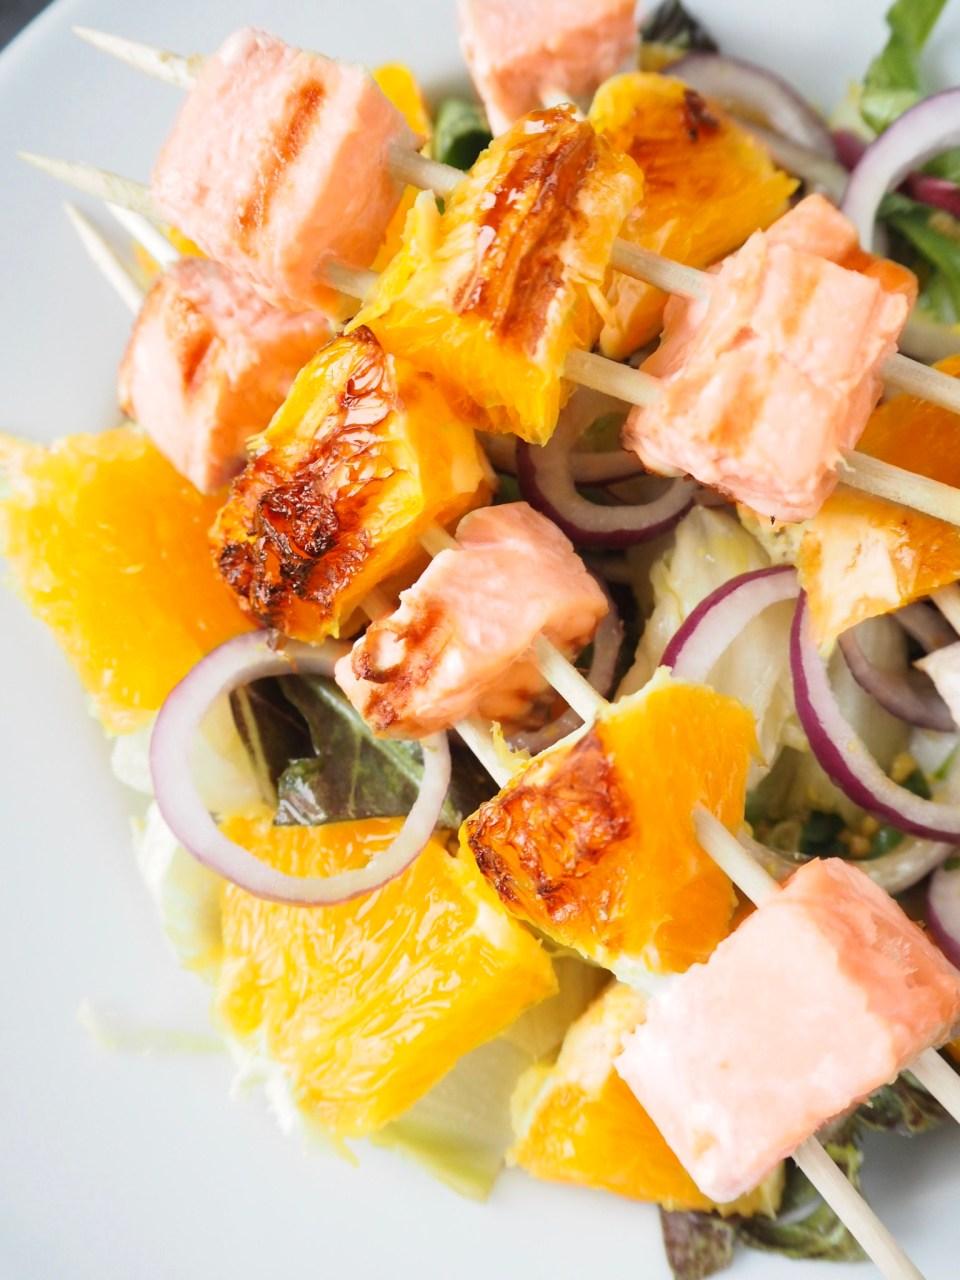 Fertige Orangen-Lachsspieße Nahaufnahme auf dem Teller mit Salat